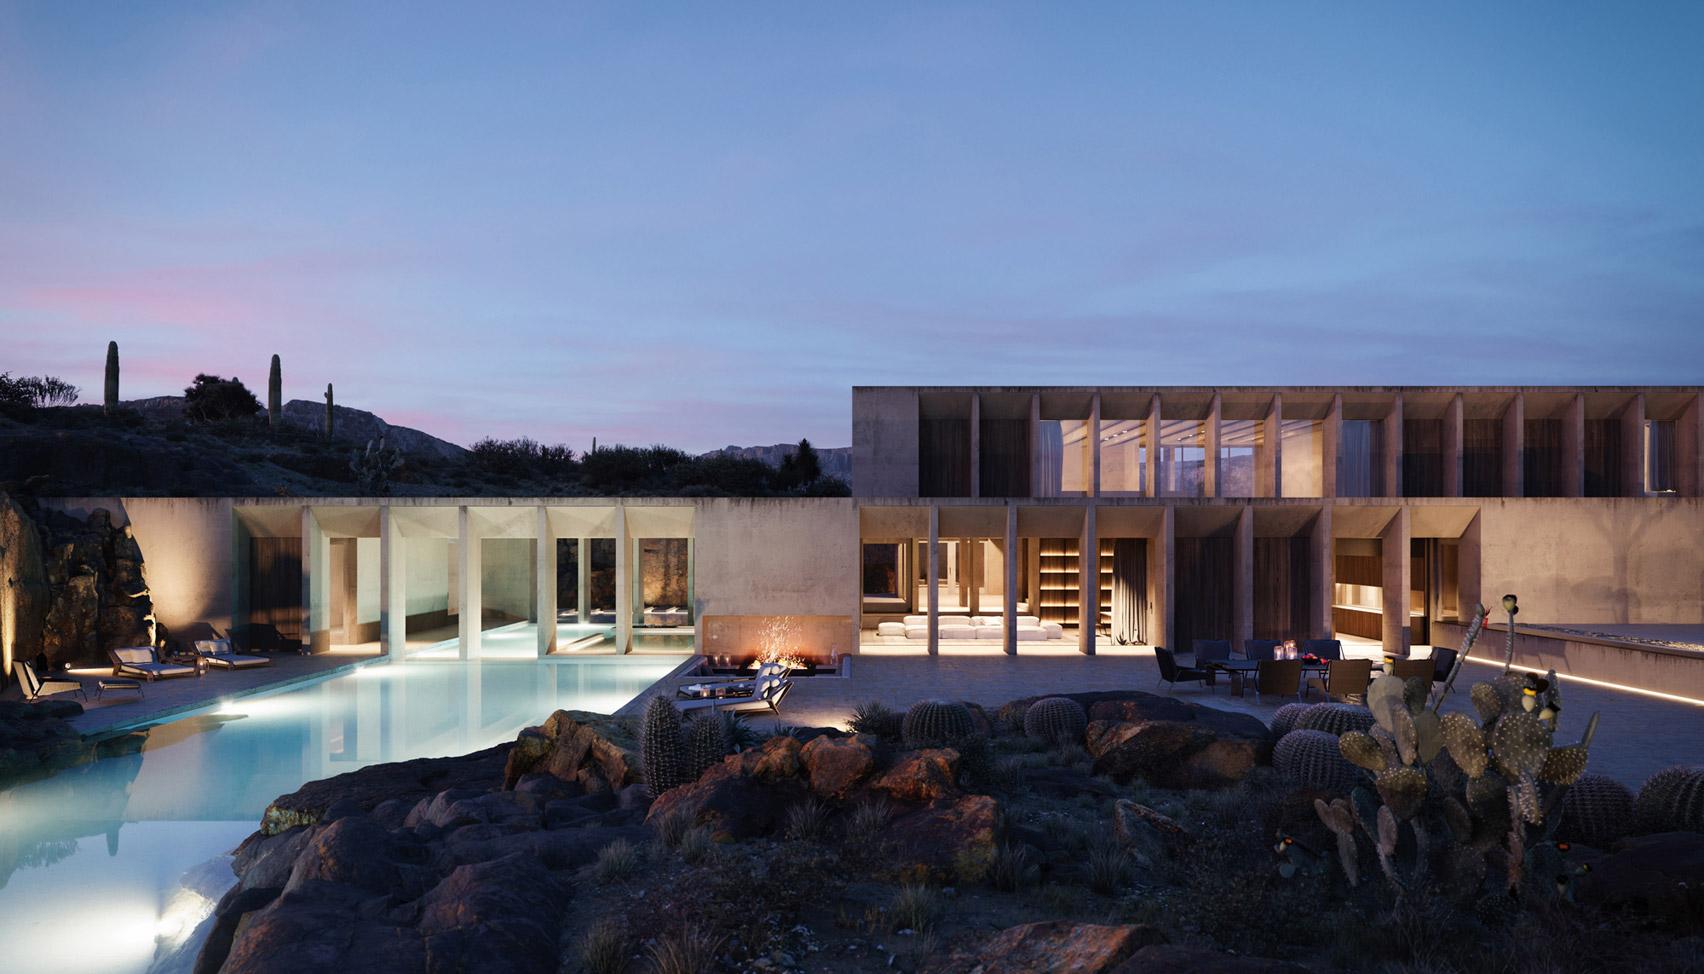 Beton luxushotel a Sonoran Sivatag kellős közepén